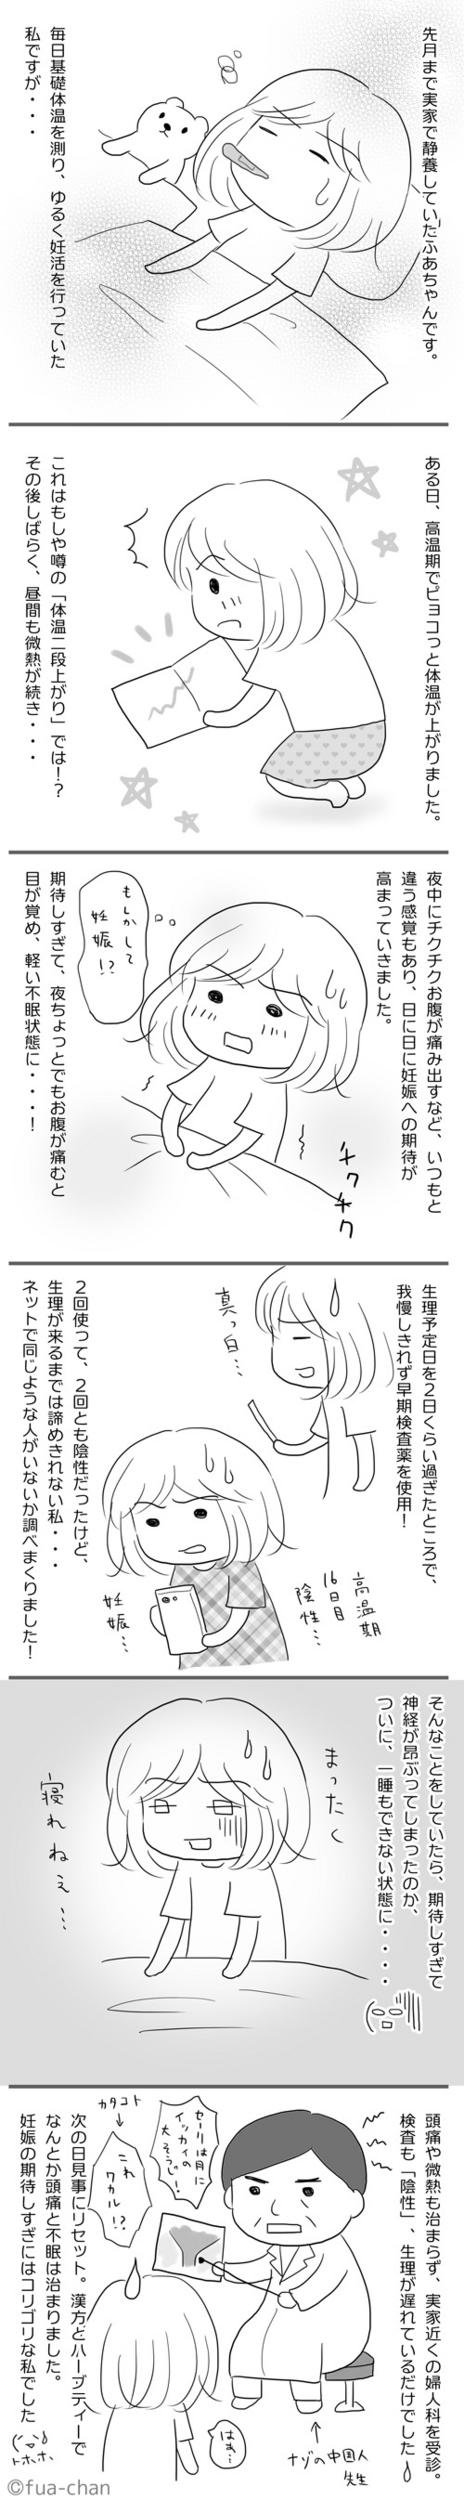 f:id:fuachan:20161107163808j:plain